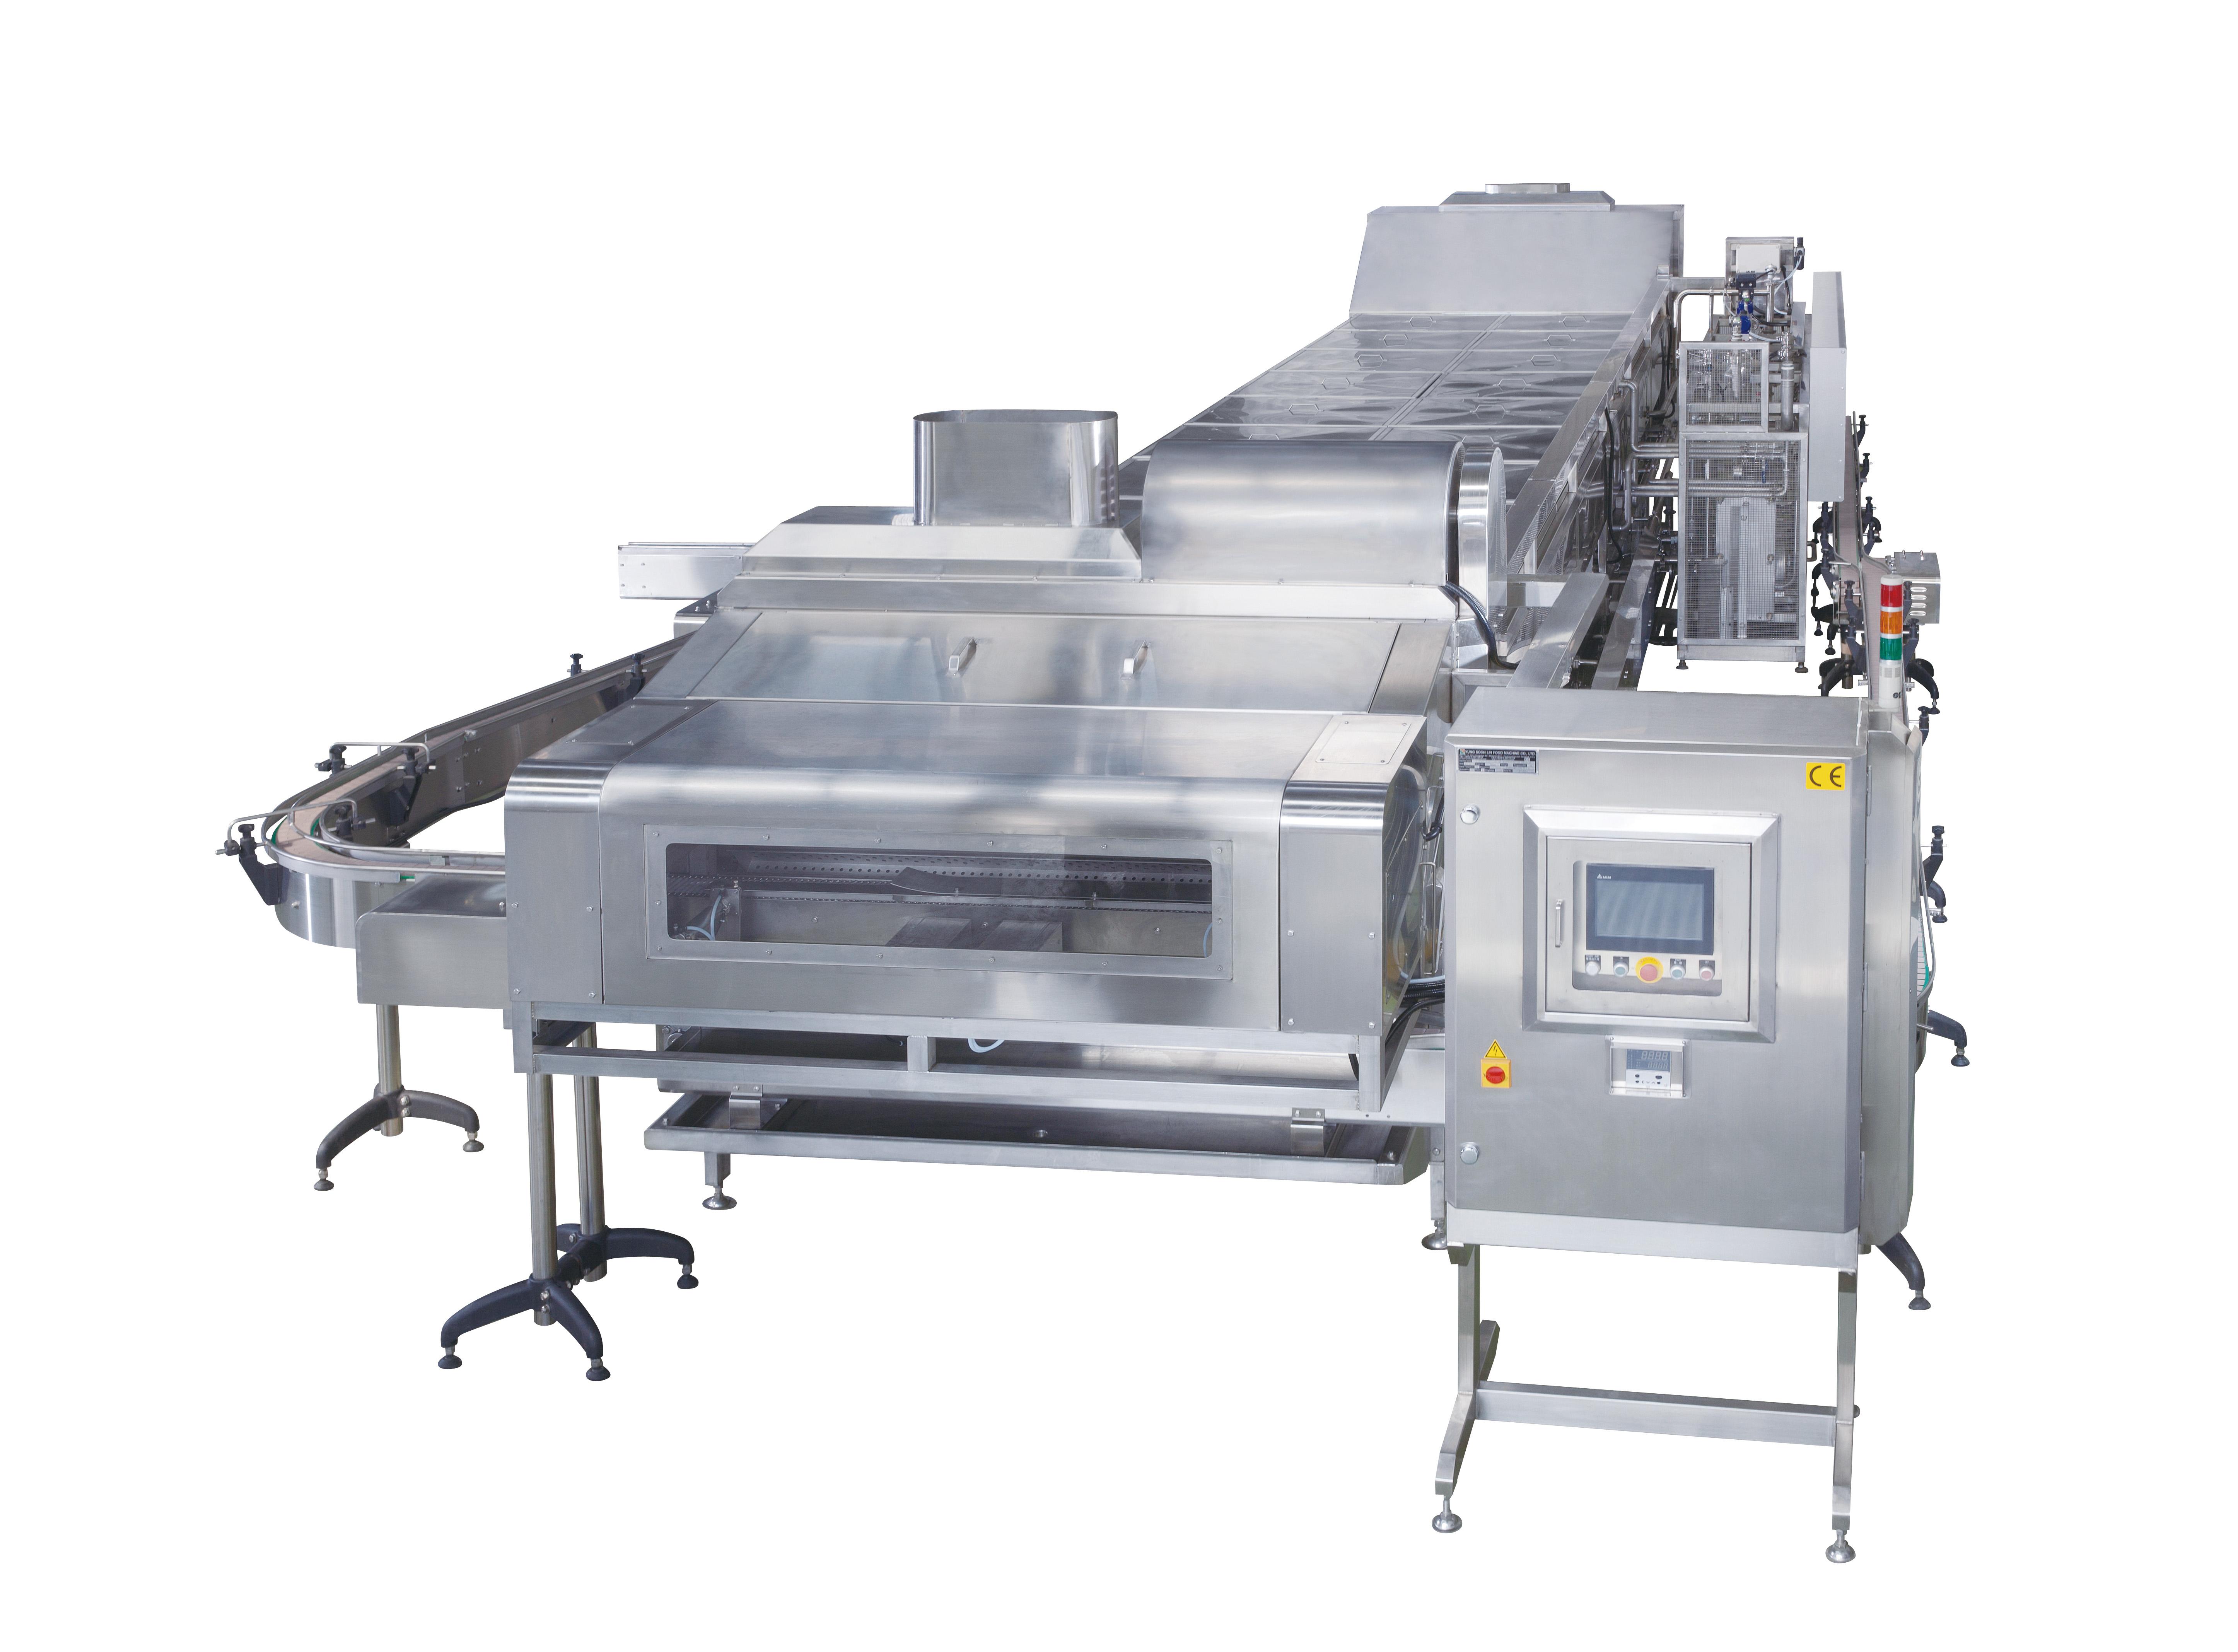 Oprema za pasterizacijo in hlajenje - Tristopenjski nizkotemperaturni pasterizacijski stroj